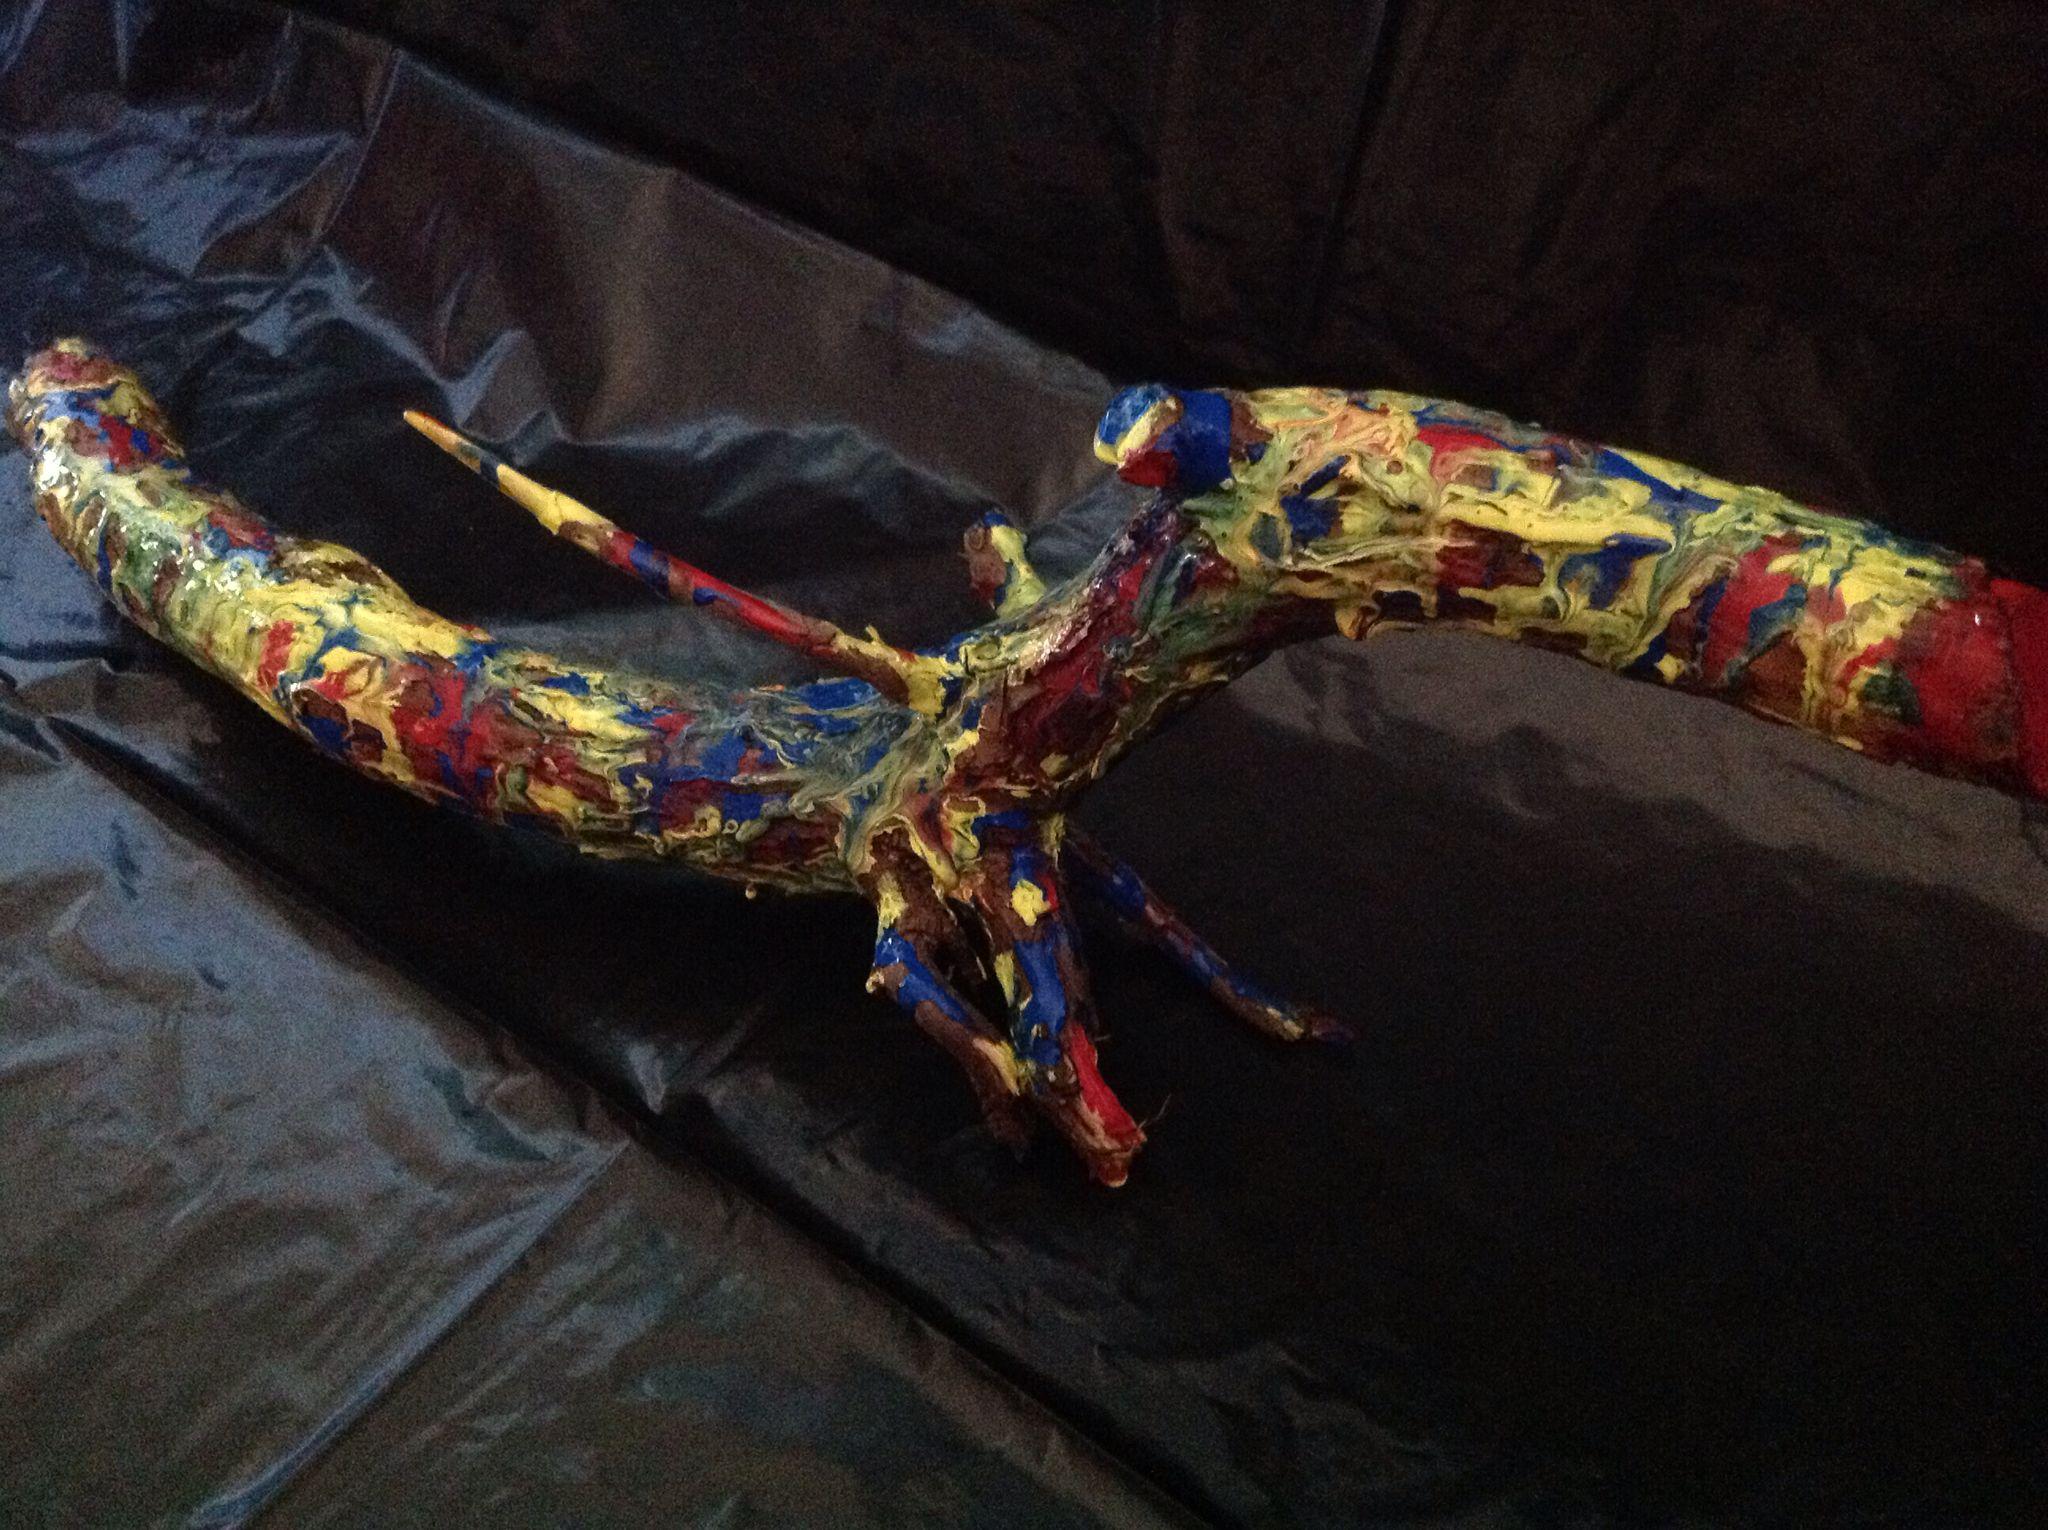 Une branche qui devient une sculpture colorée!